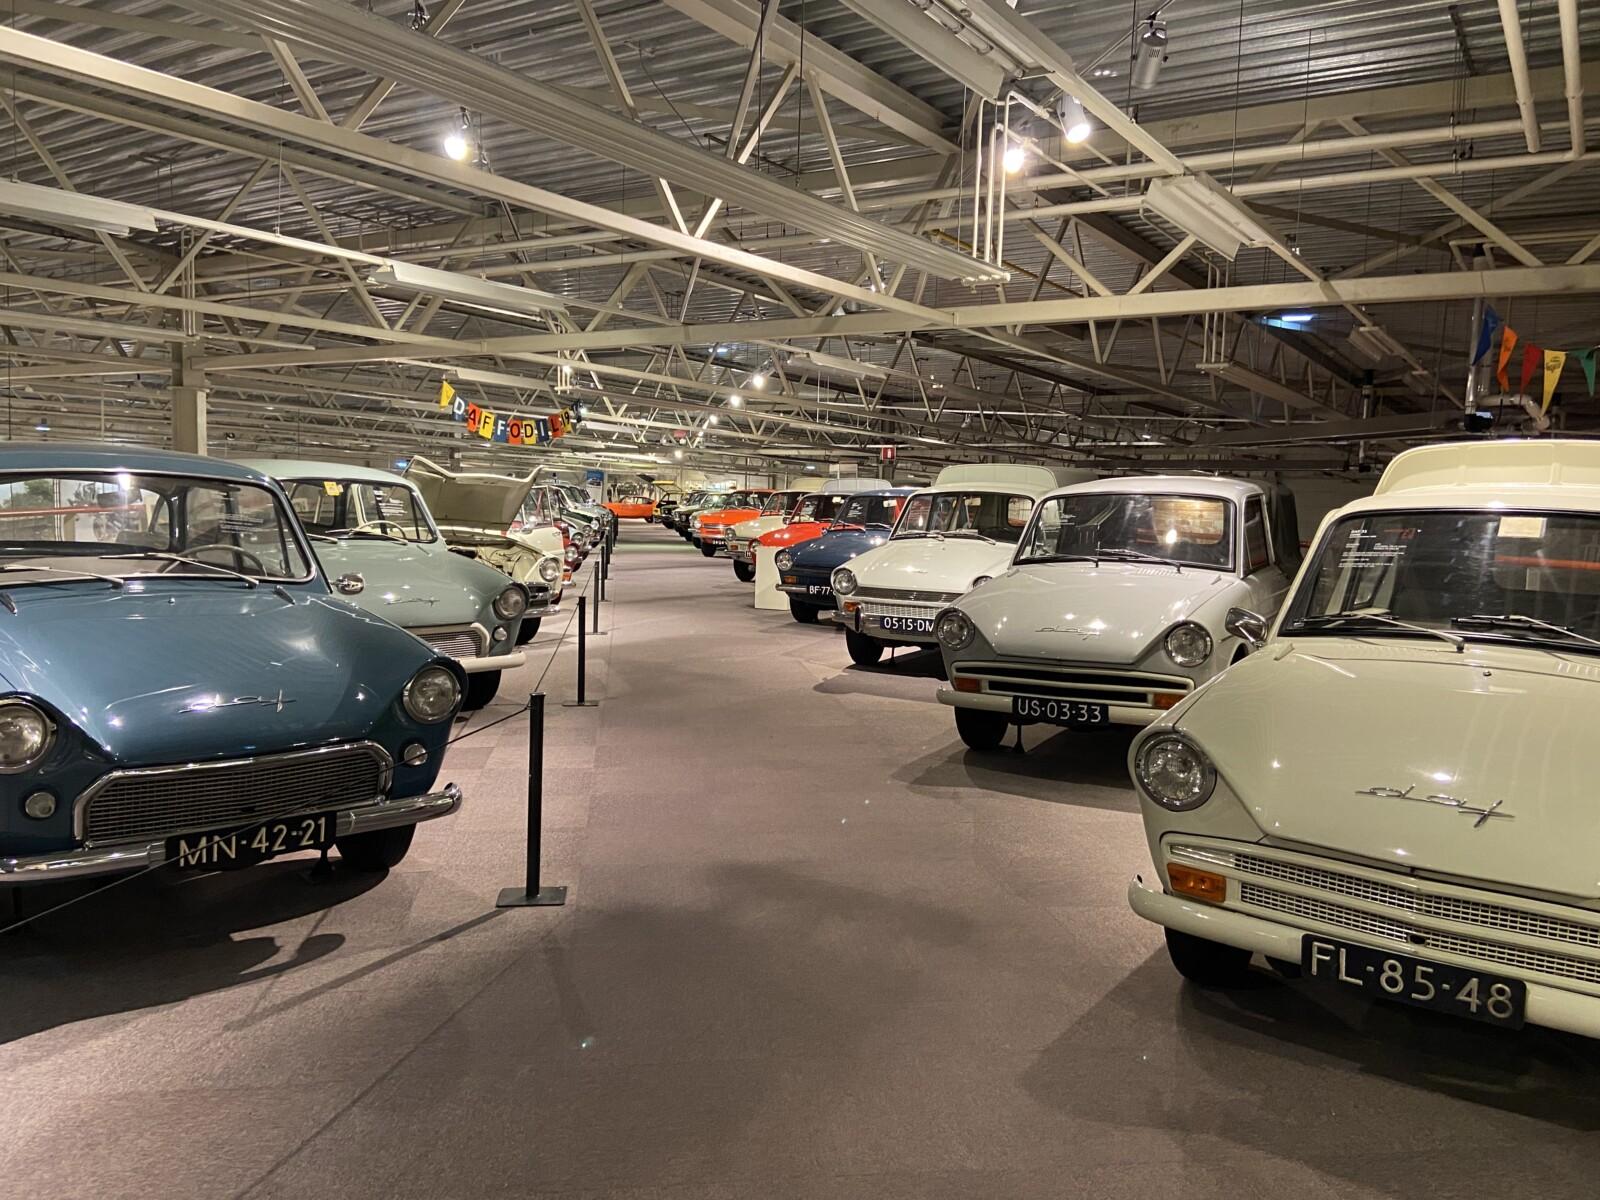 Museumbezoek in Eindhoven